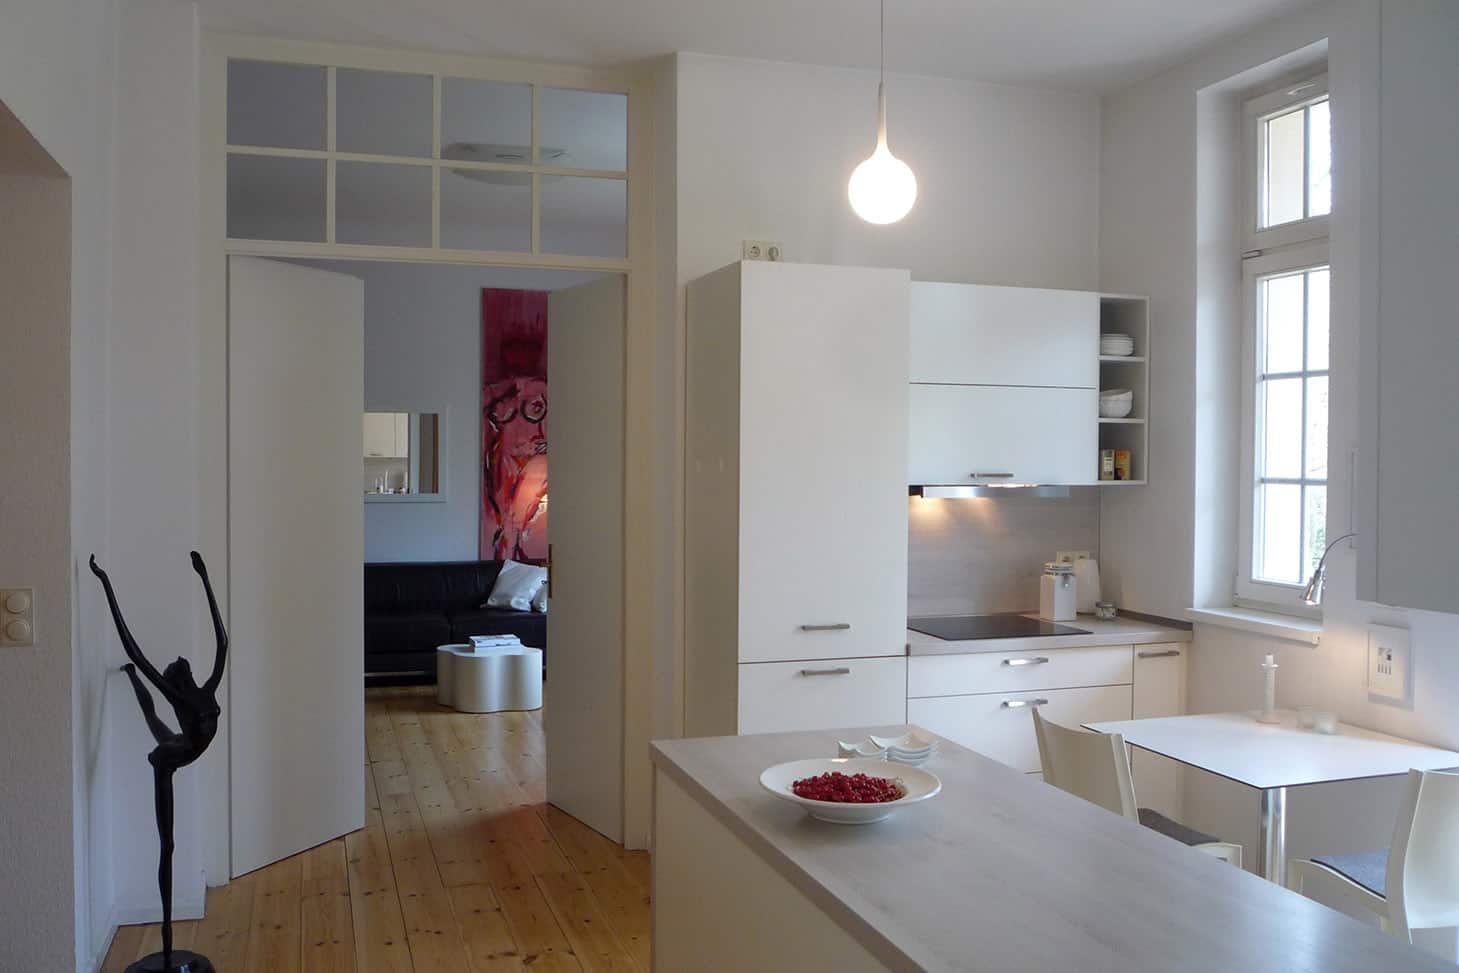 projekte innenarchitektur altbauwohnung karlshorst berlin. Black Bedroom Furniture Sets. Home Design Ideas